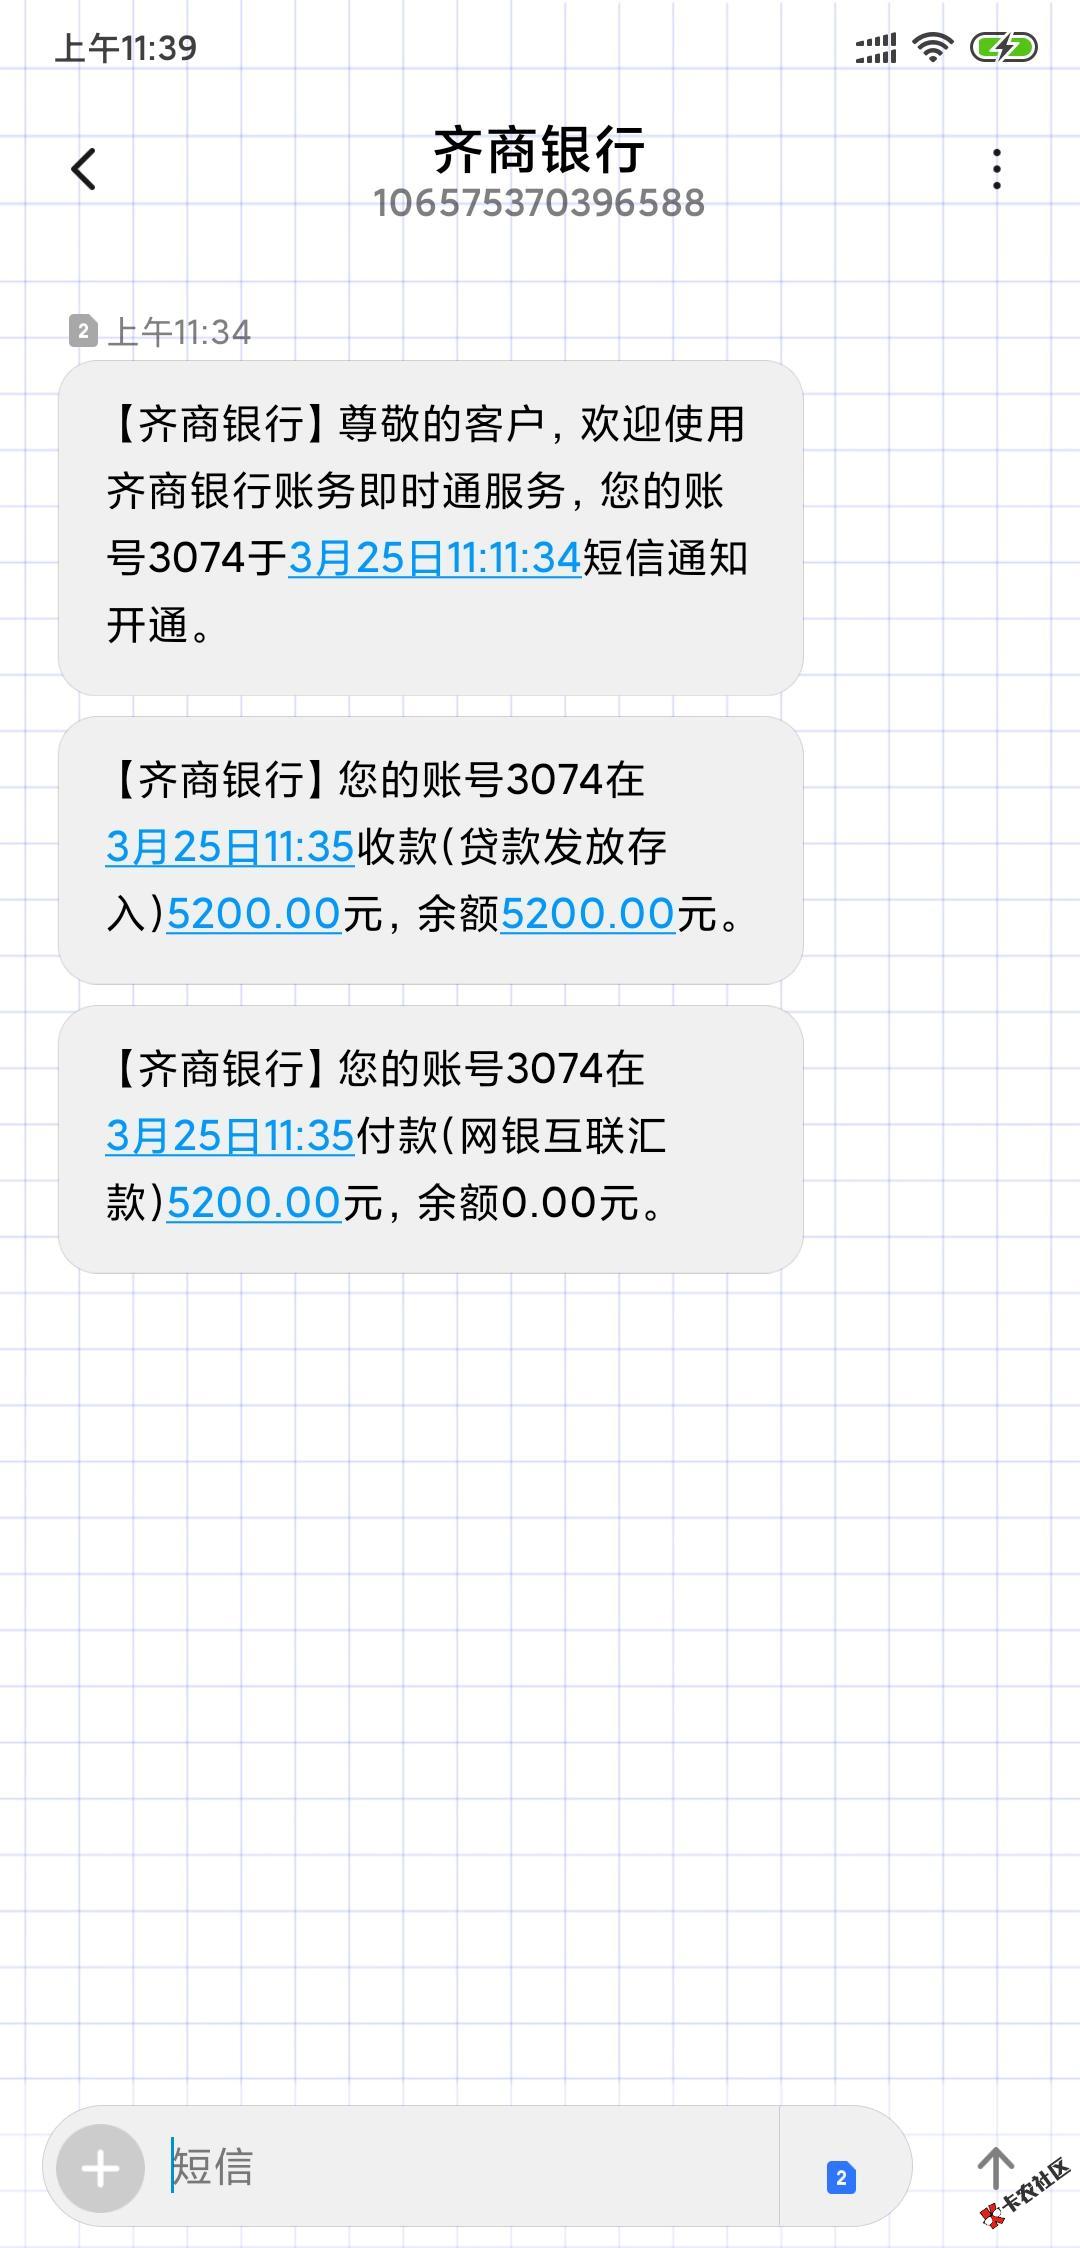 截图202003251450249111.png